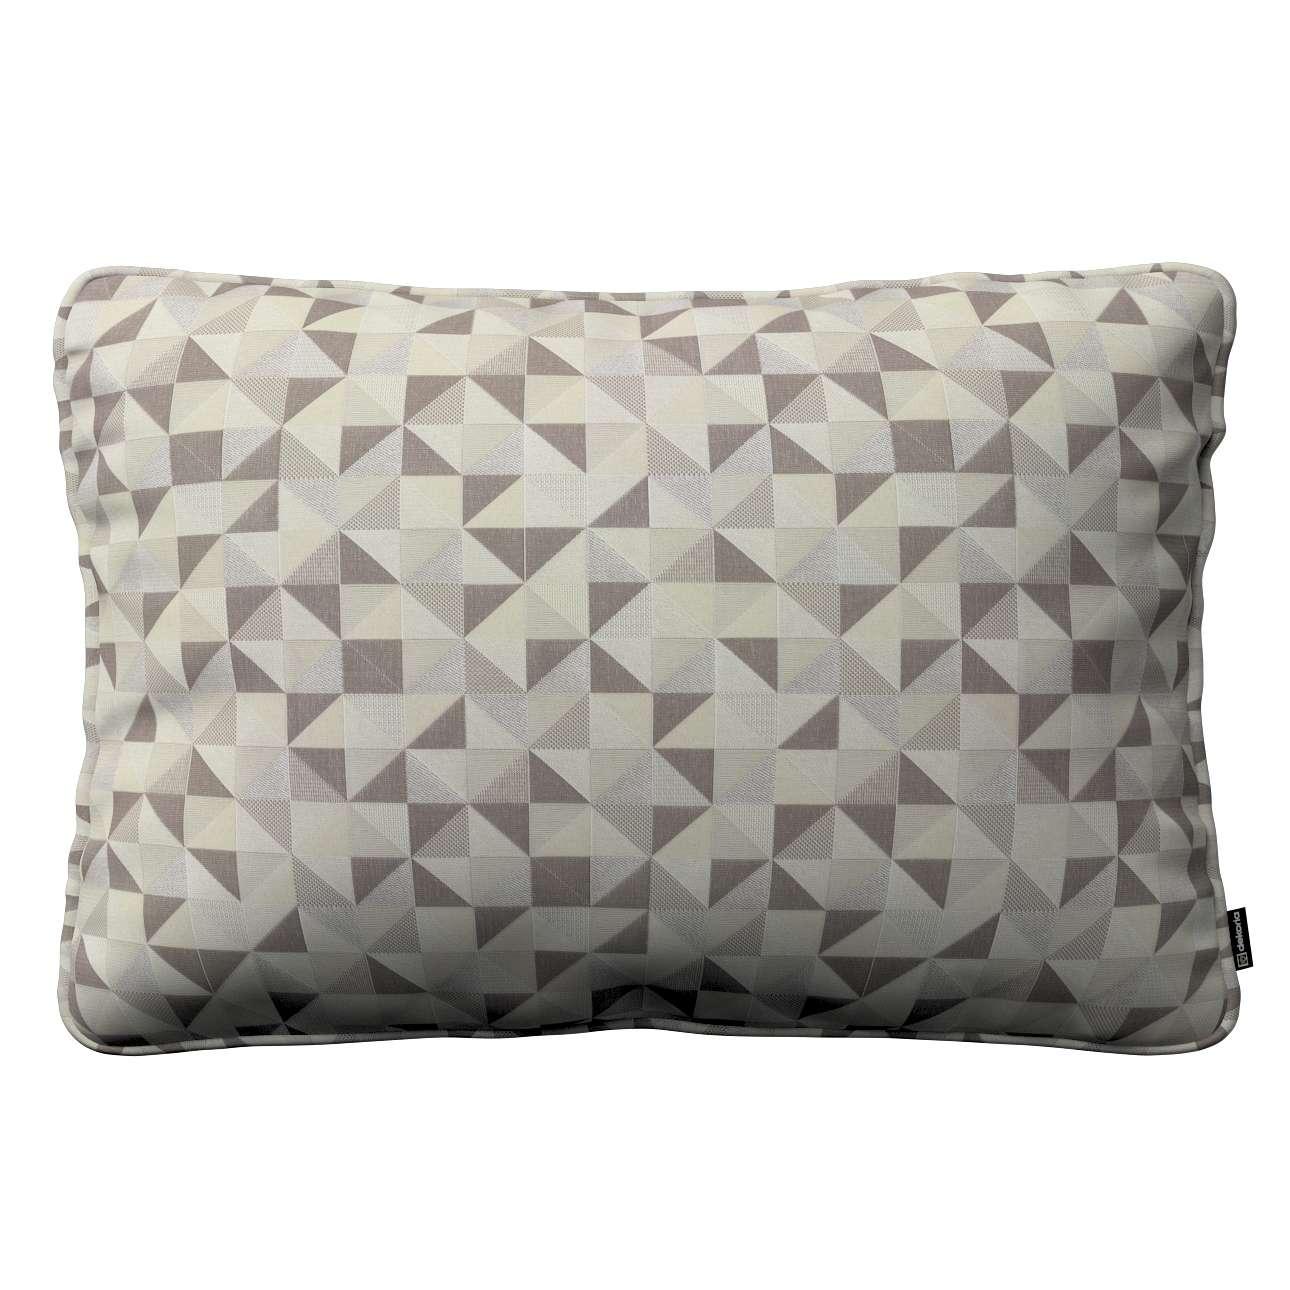 Poszewka Gabi na poduszkę prostokątna w kolekcji Retro Glam, tkanina: 142-85